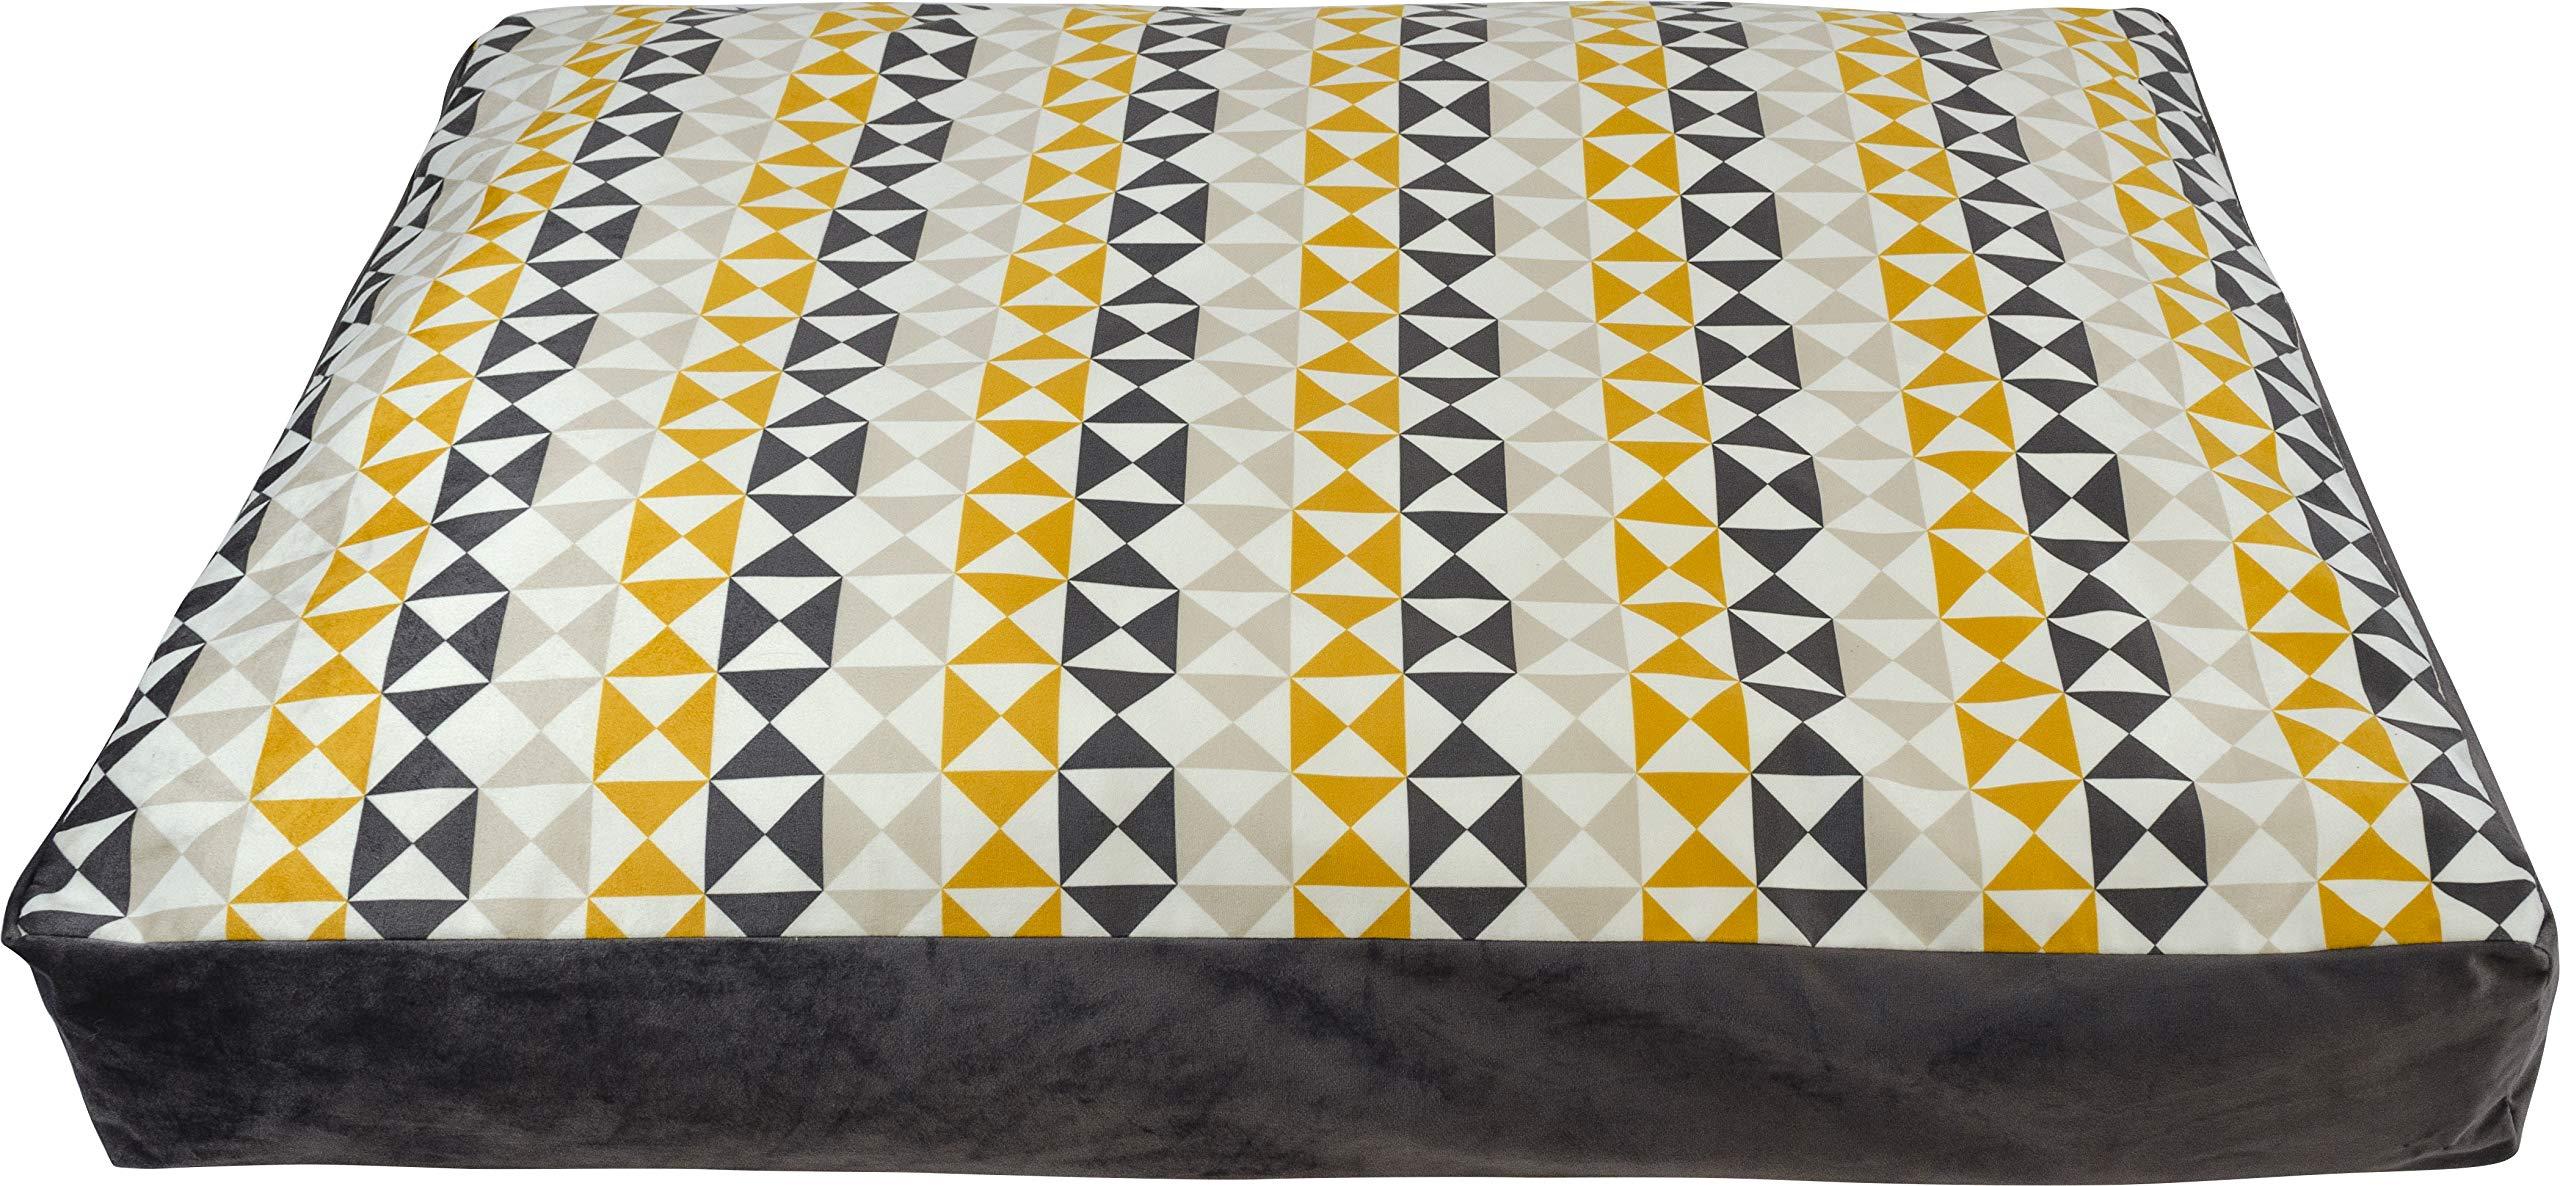 Urban Loft by Westex PSLMODXXL Triangle Design Luxury Pet Bed, 52'' x 35'' x 6''